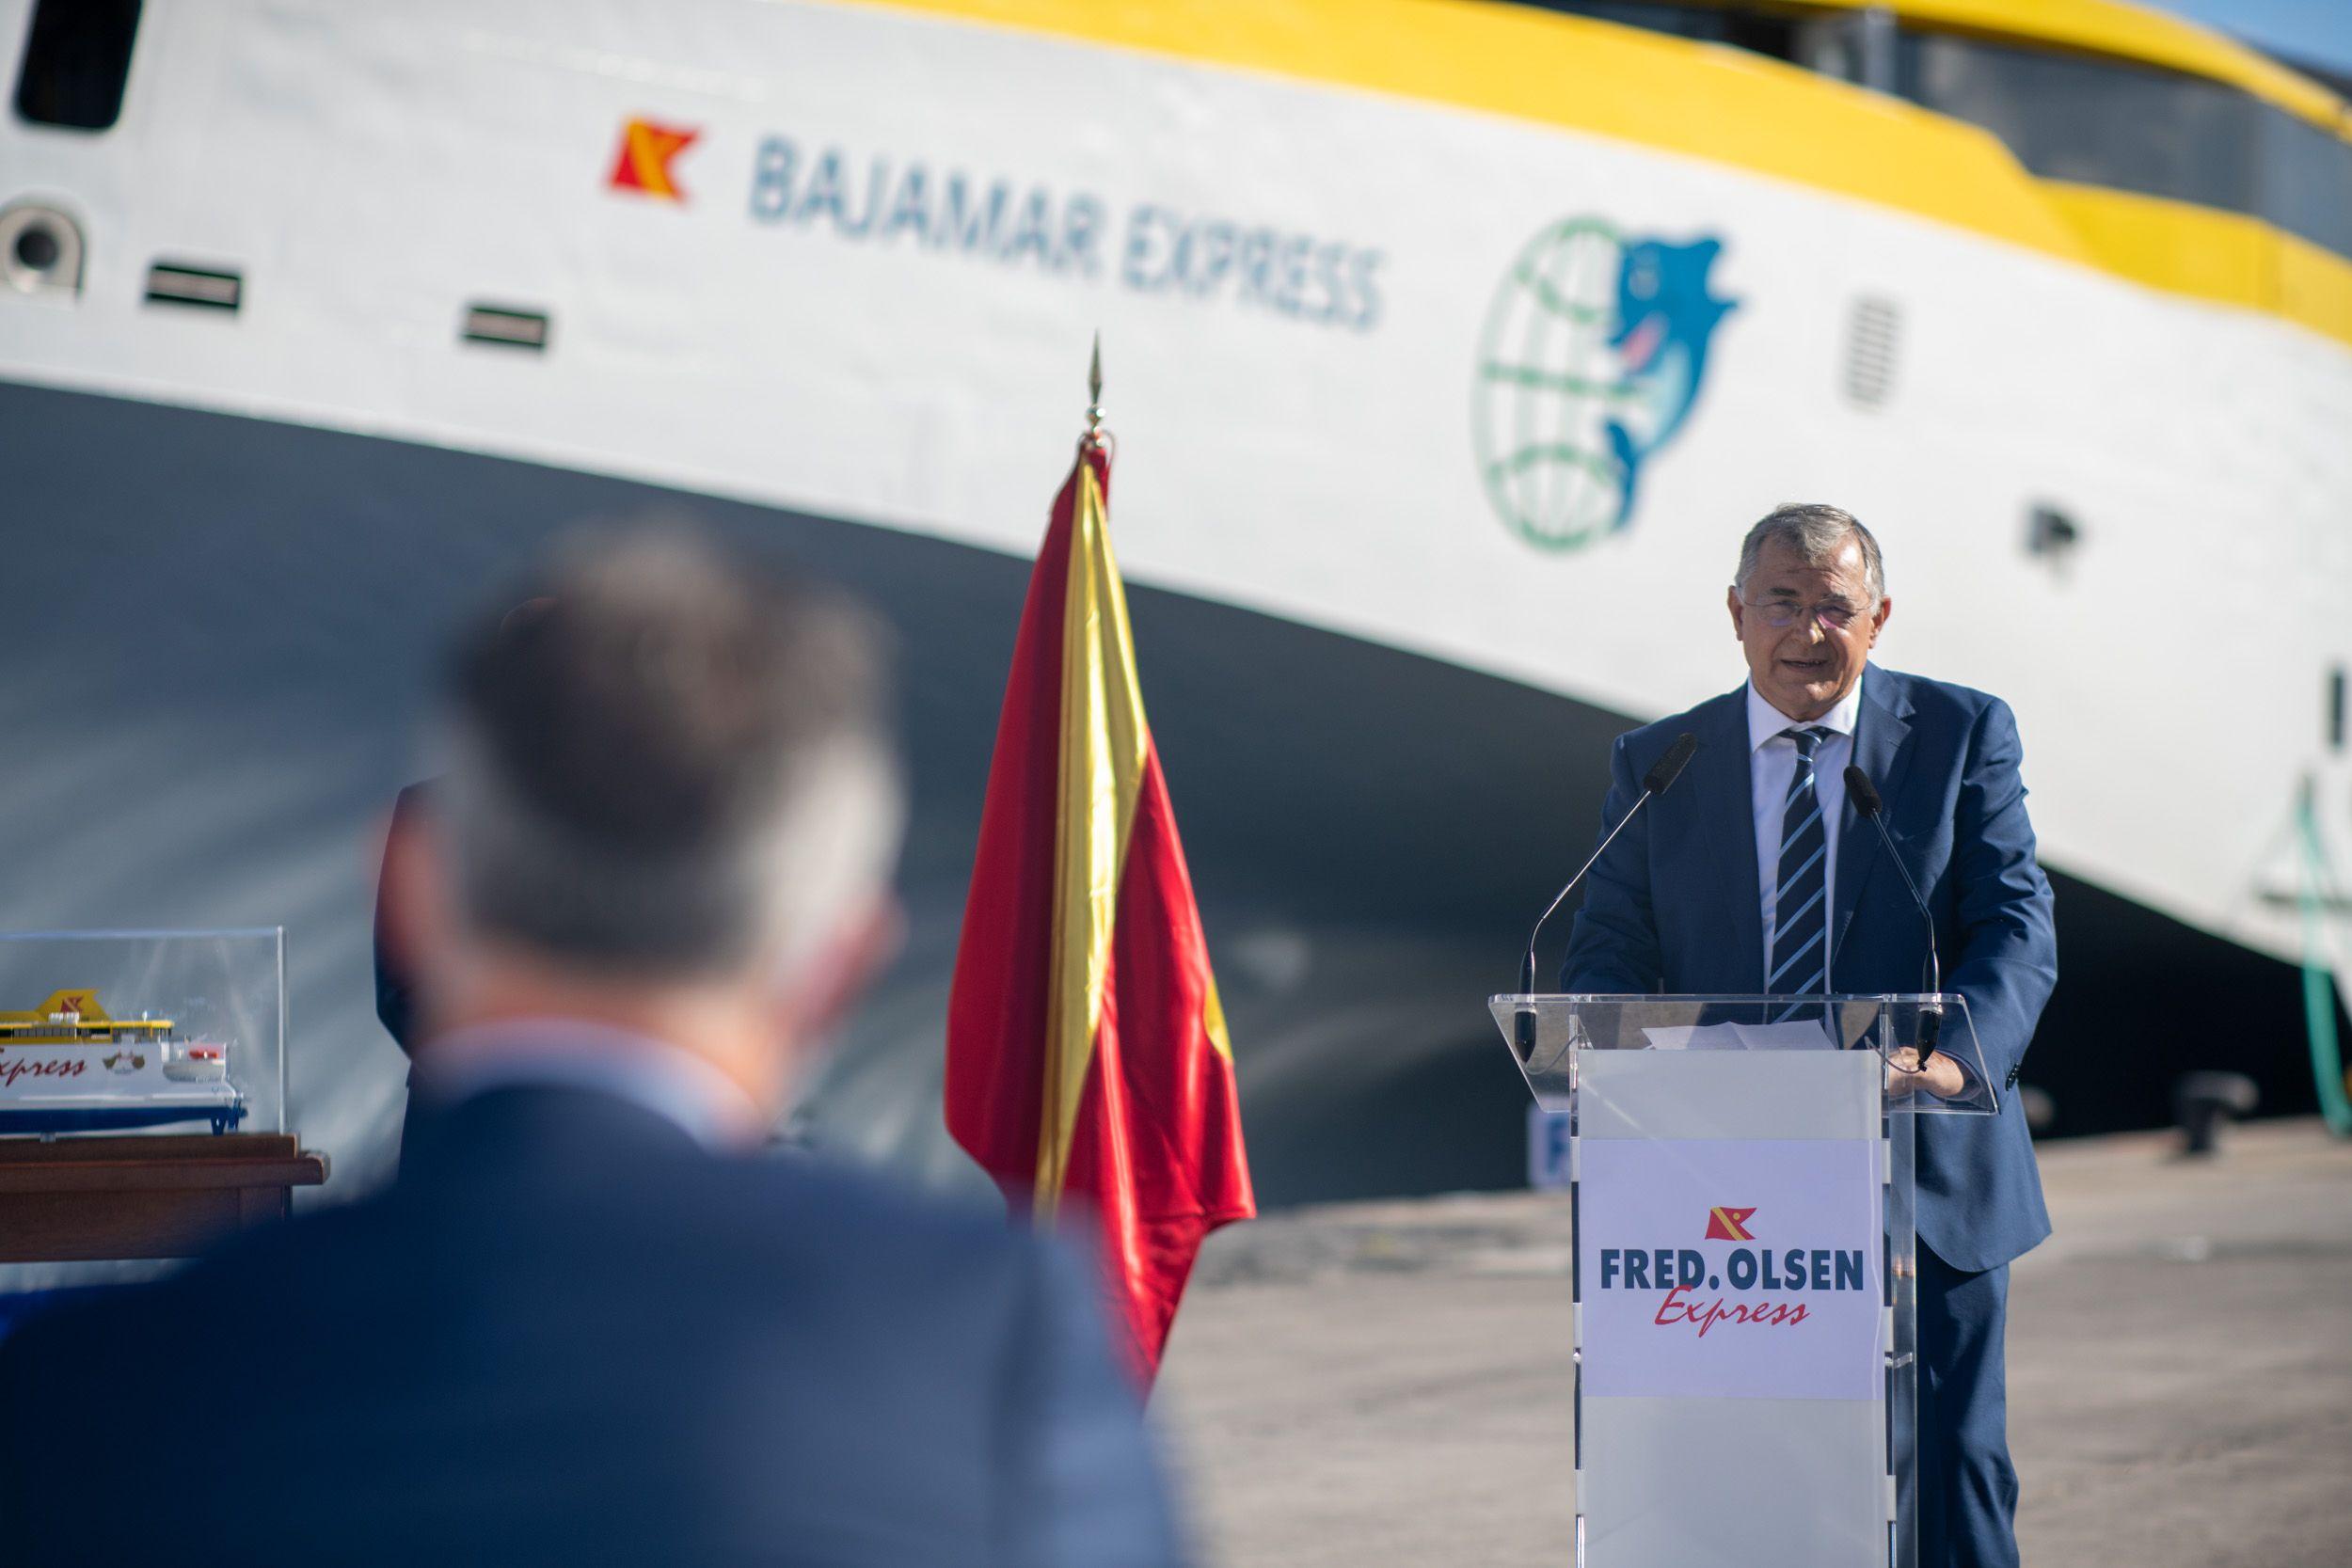 Presentacion Bajamar con Fred Olsen